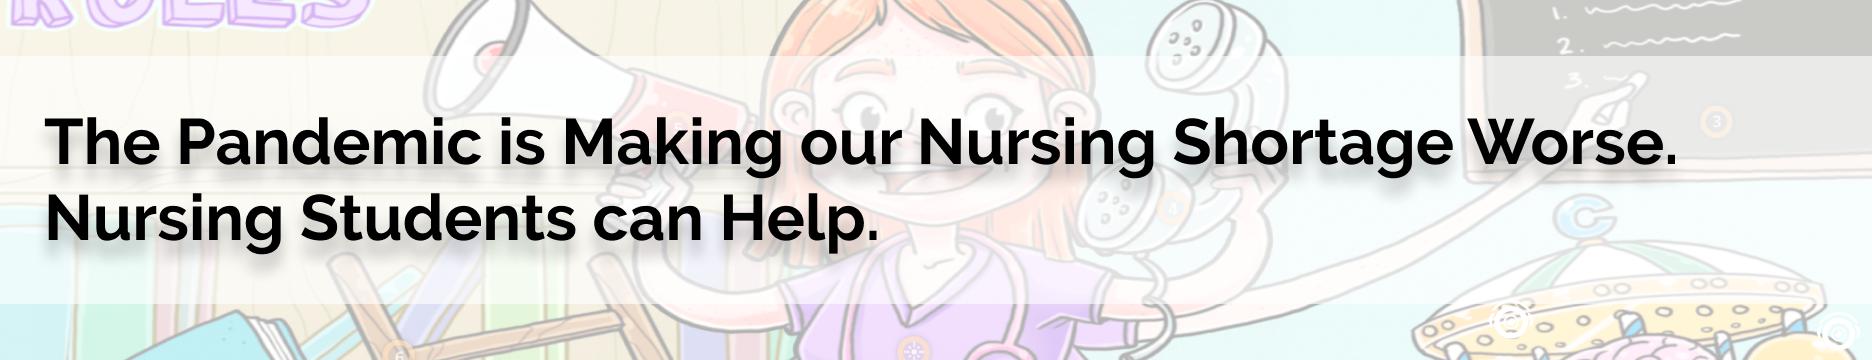 Nursing Shortage